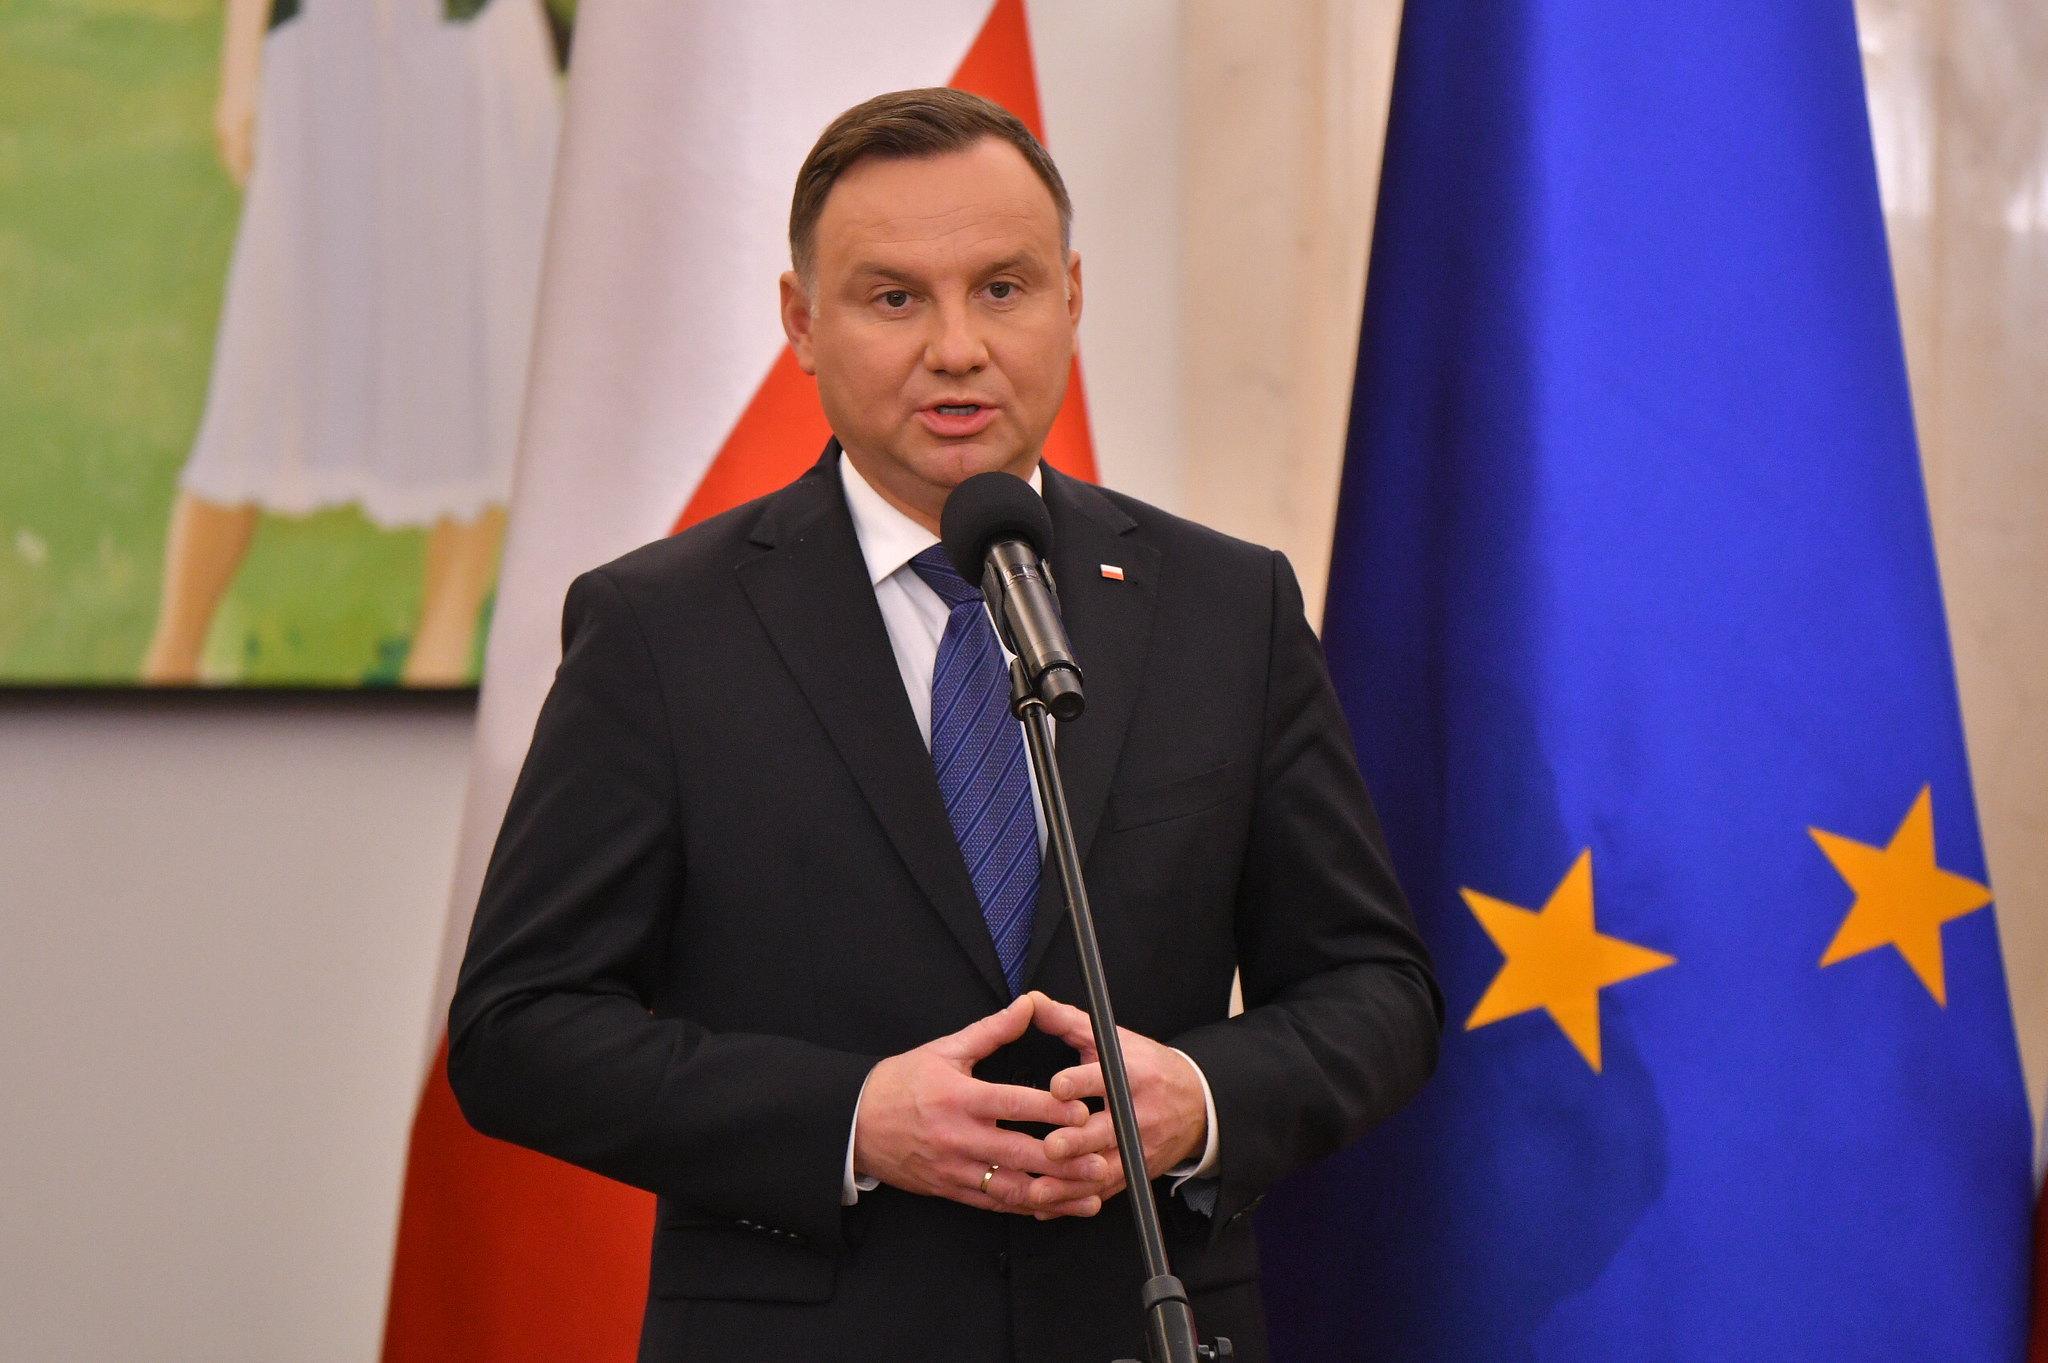 Uroczystość desygnowania Mateusza Morawieckiego na Prezesa Rady Ministrów , listopad 2019